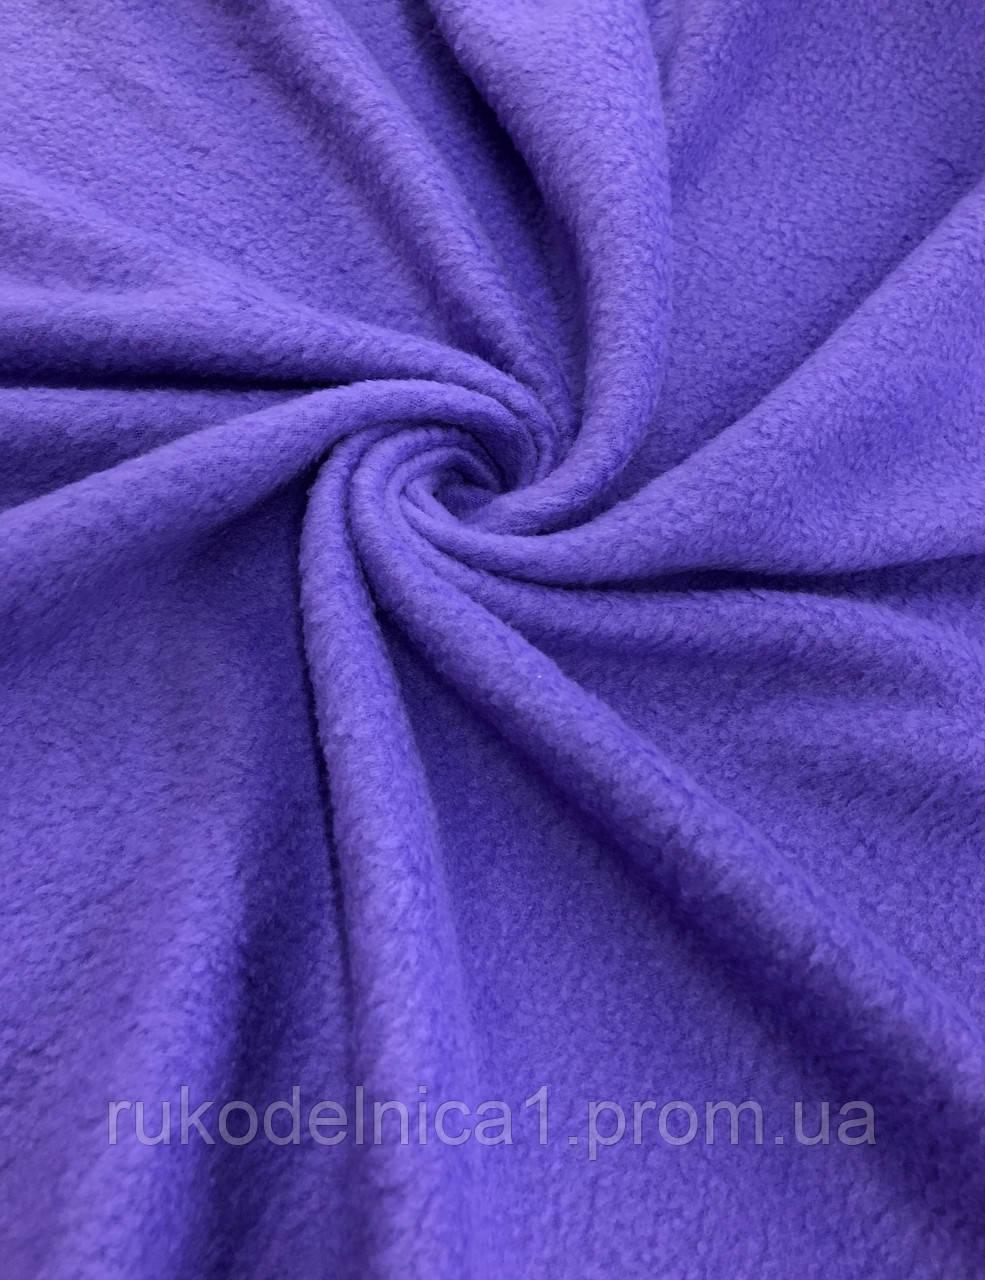 Купить ткань для пошива пижам кнопки для джинсов металлические